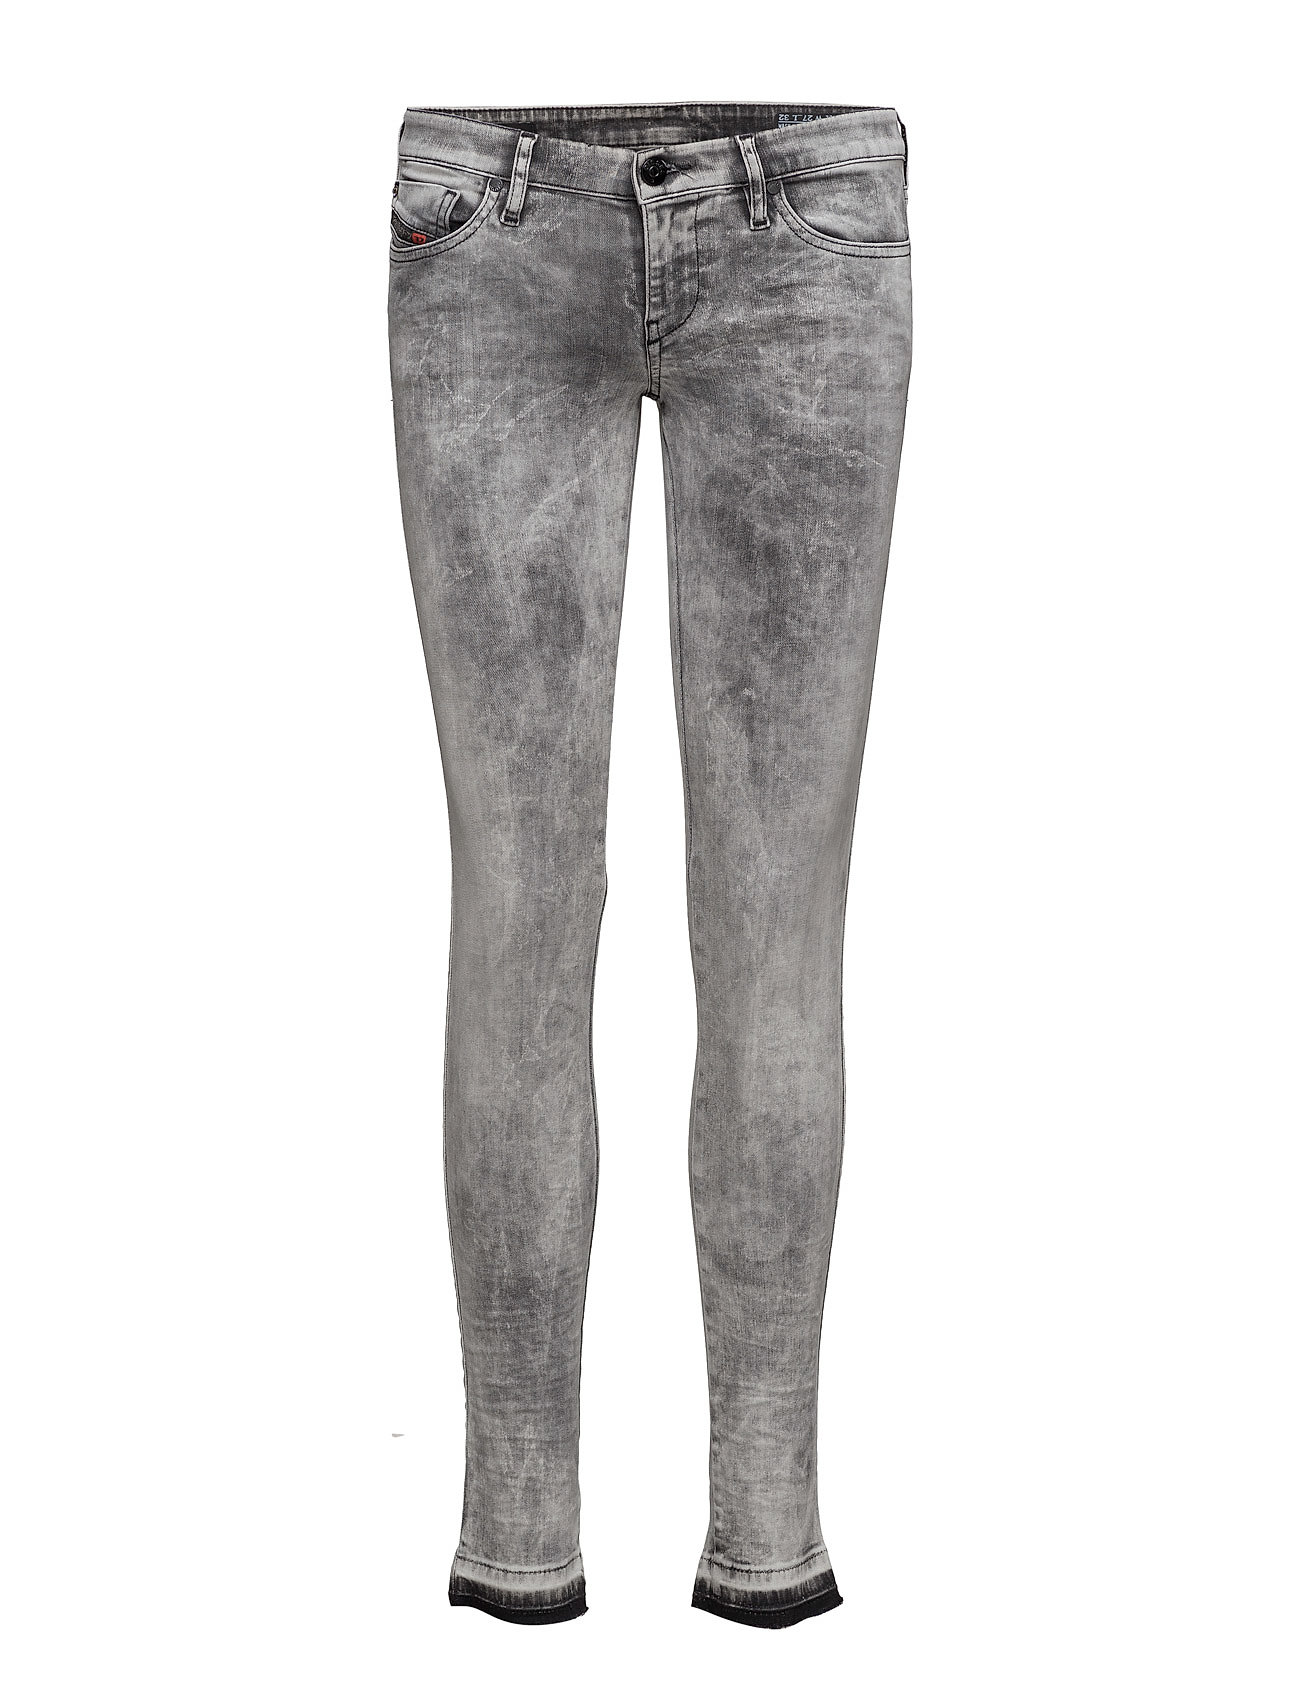 9434a8b9 Skinzee-low Trousers (Black/denim) (119.25 €) - Diesel Women ...